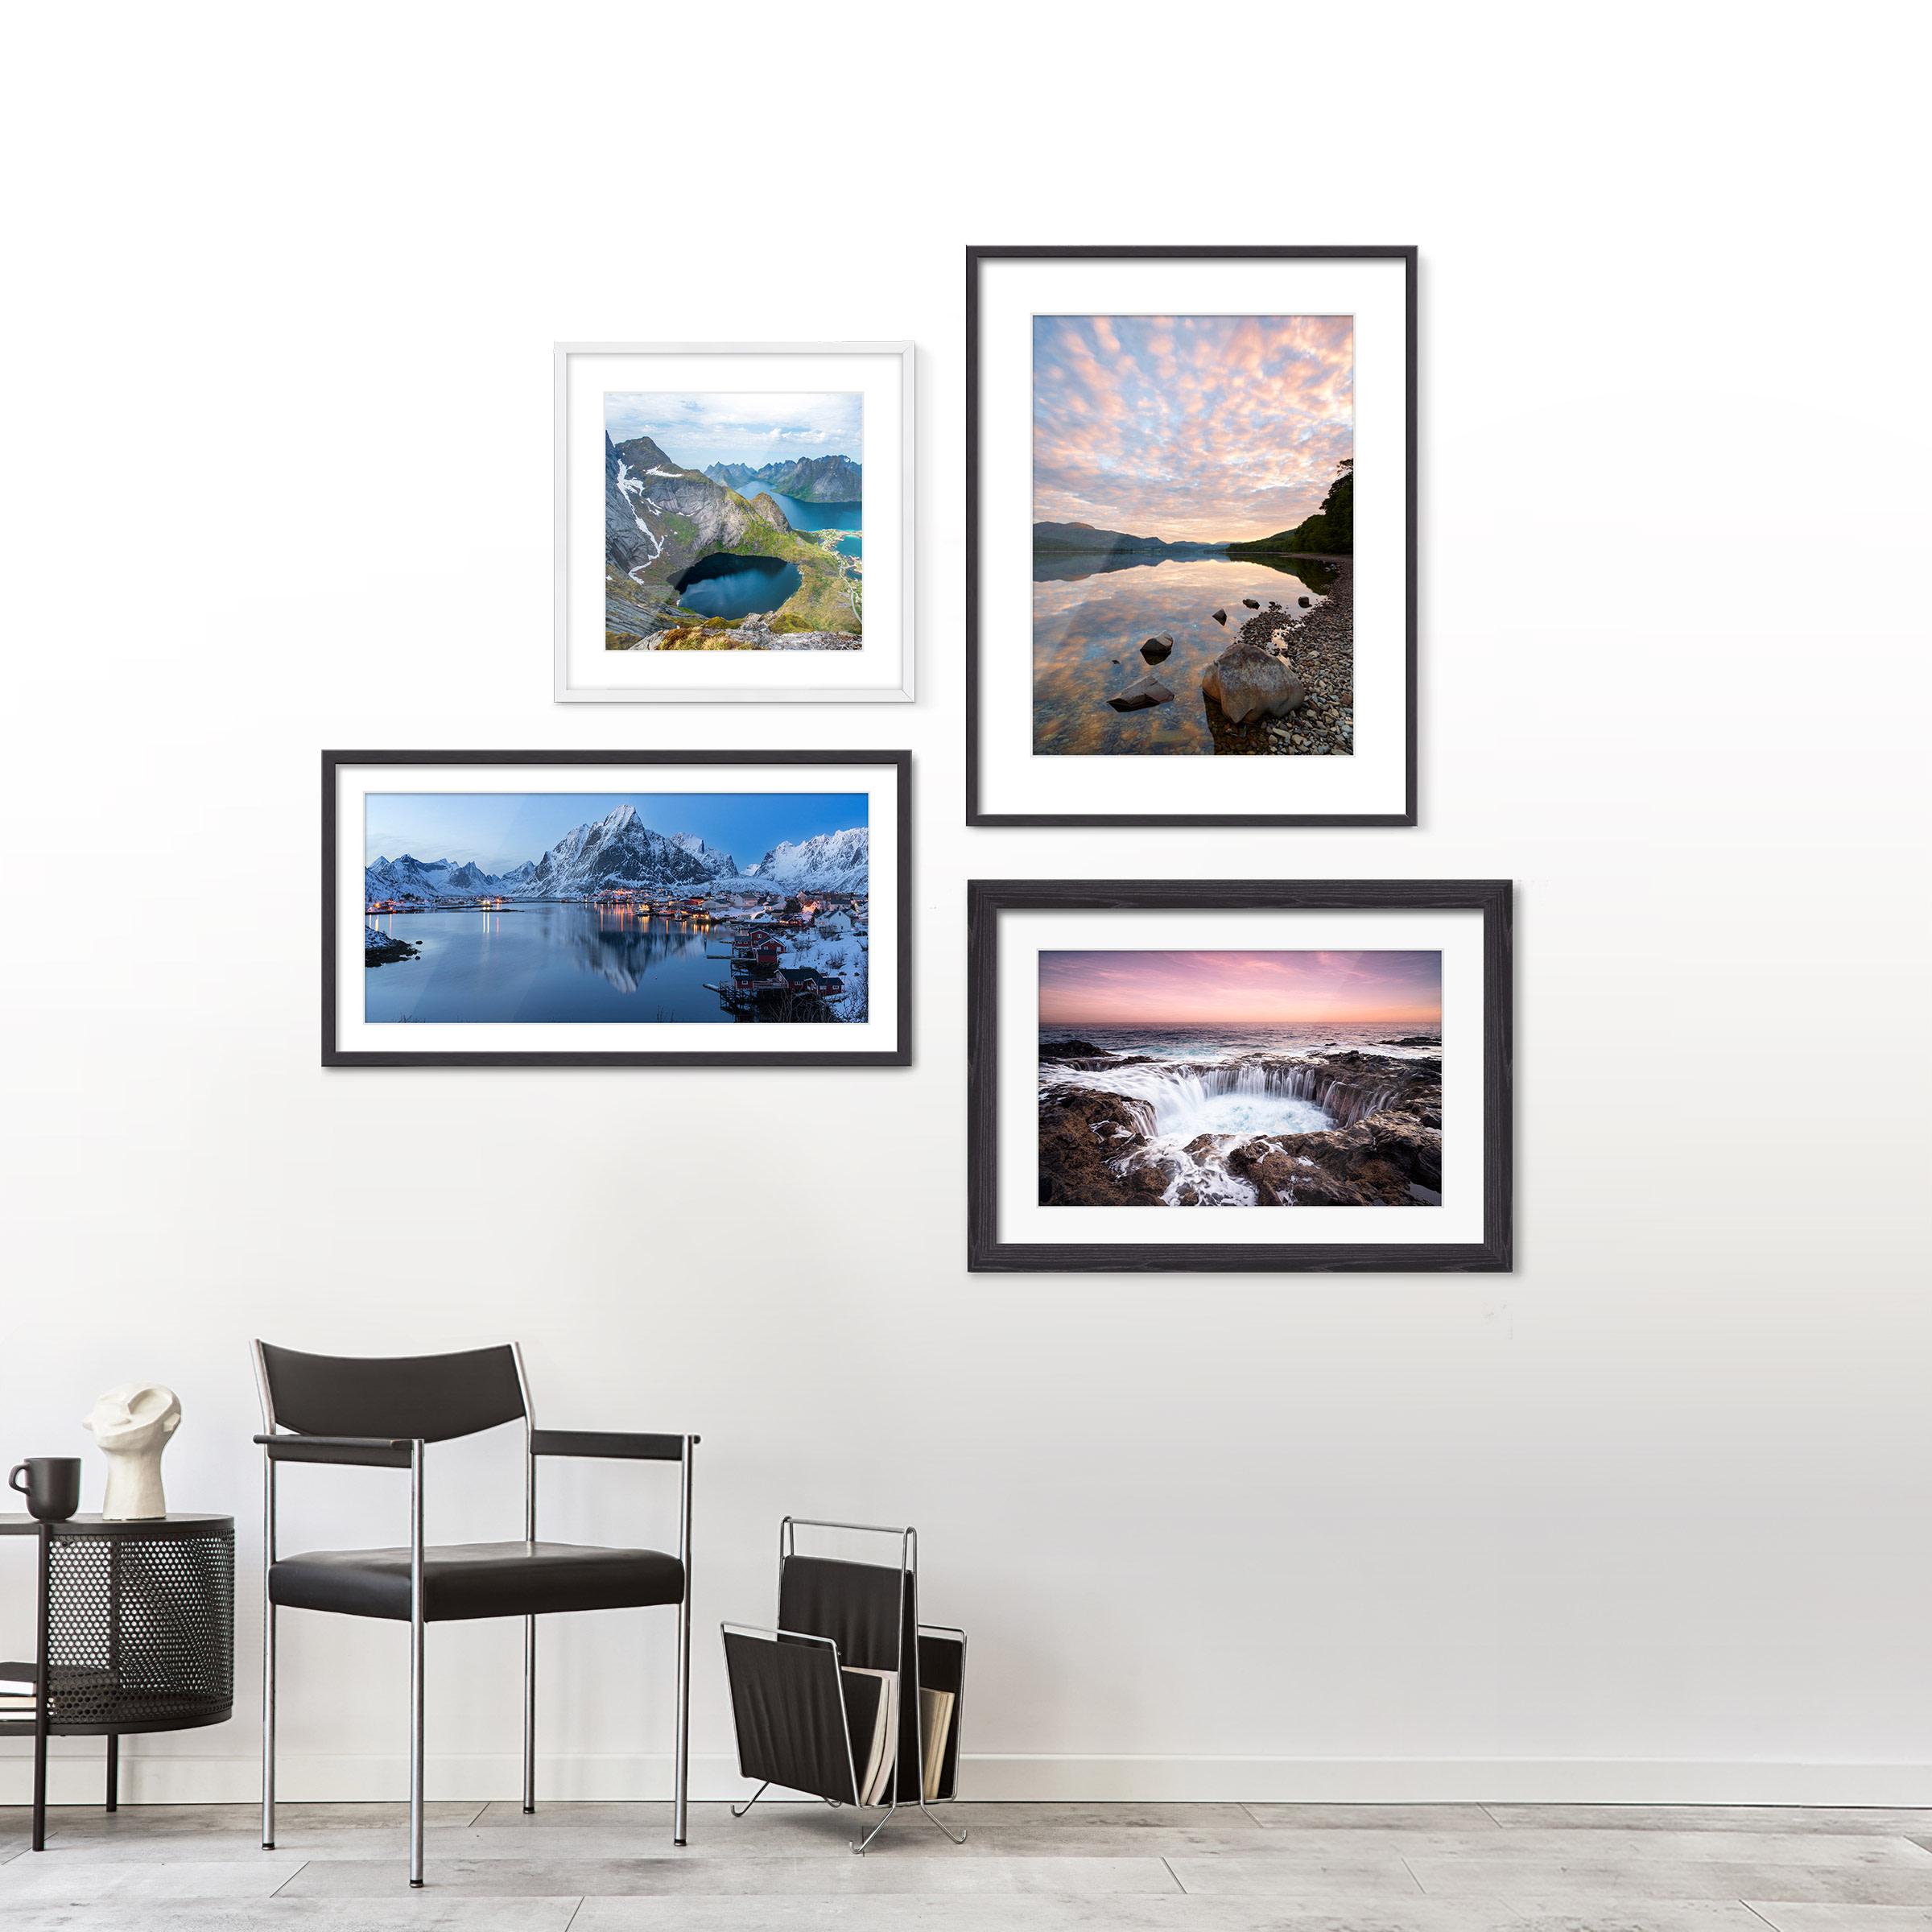 metallic-ultrahd_fotoabzug-landschaft-inspiration-1200x1200.jpg